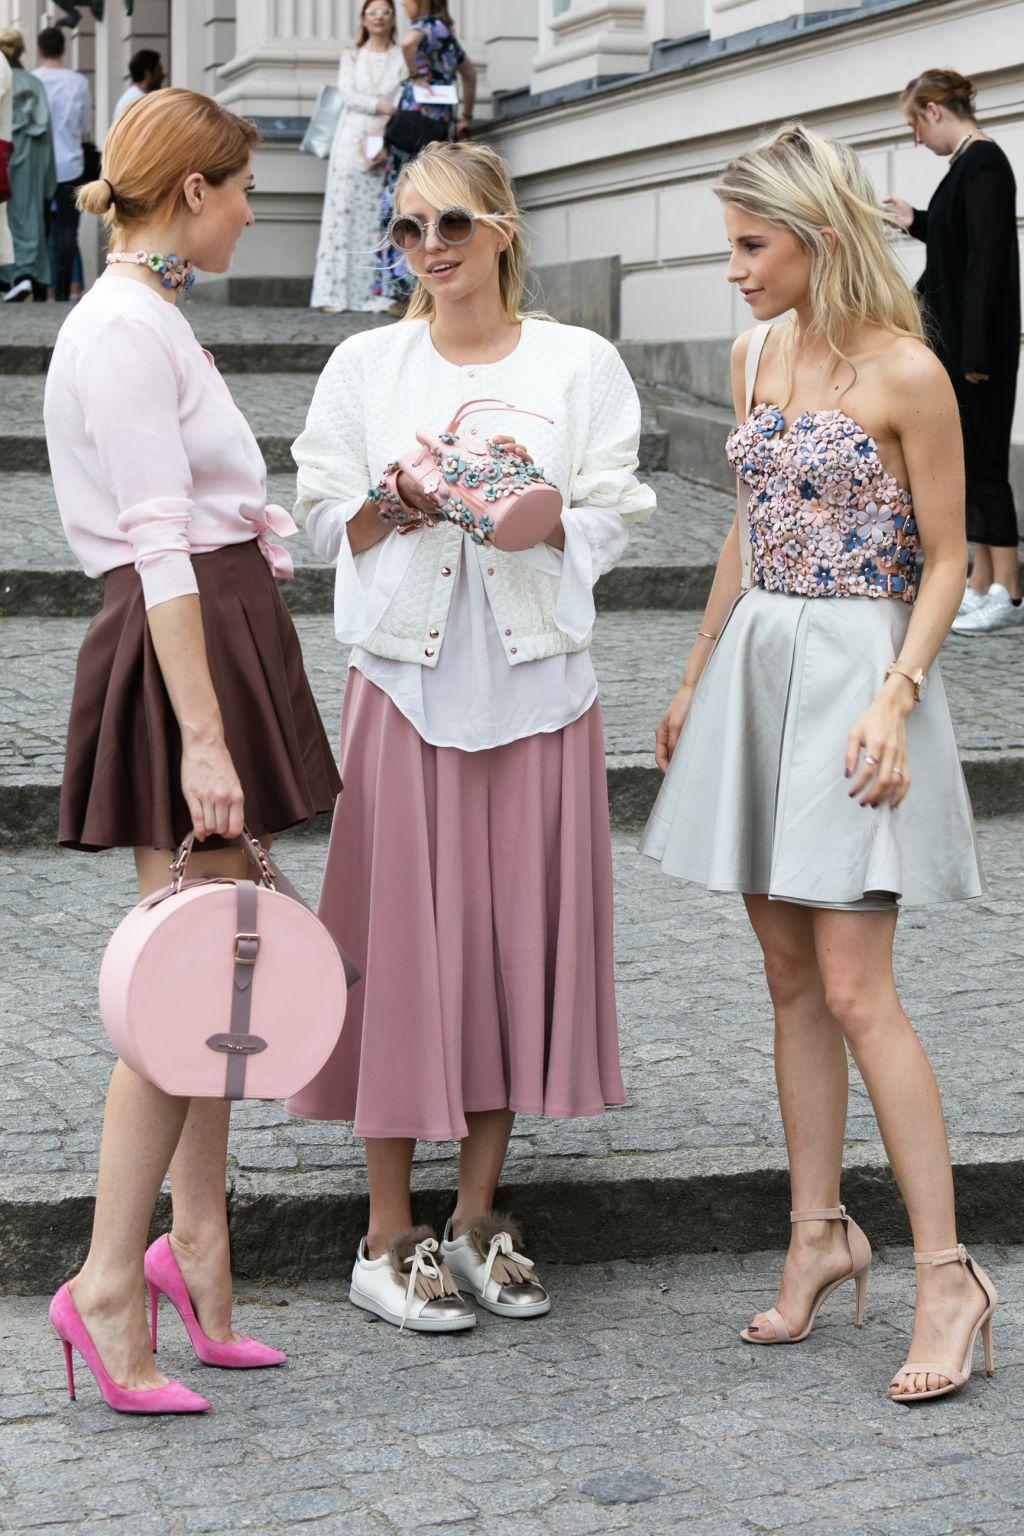 thời trang mùa hè ba cô gái mặc đồ màu hồng